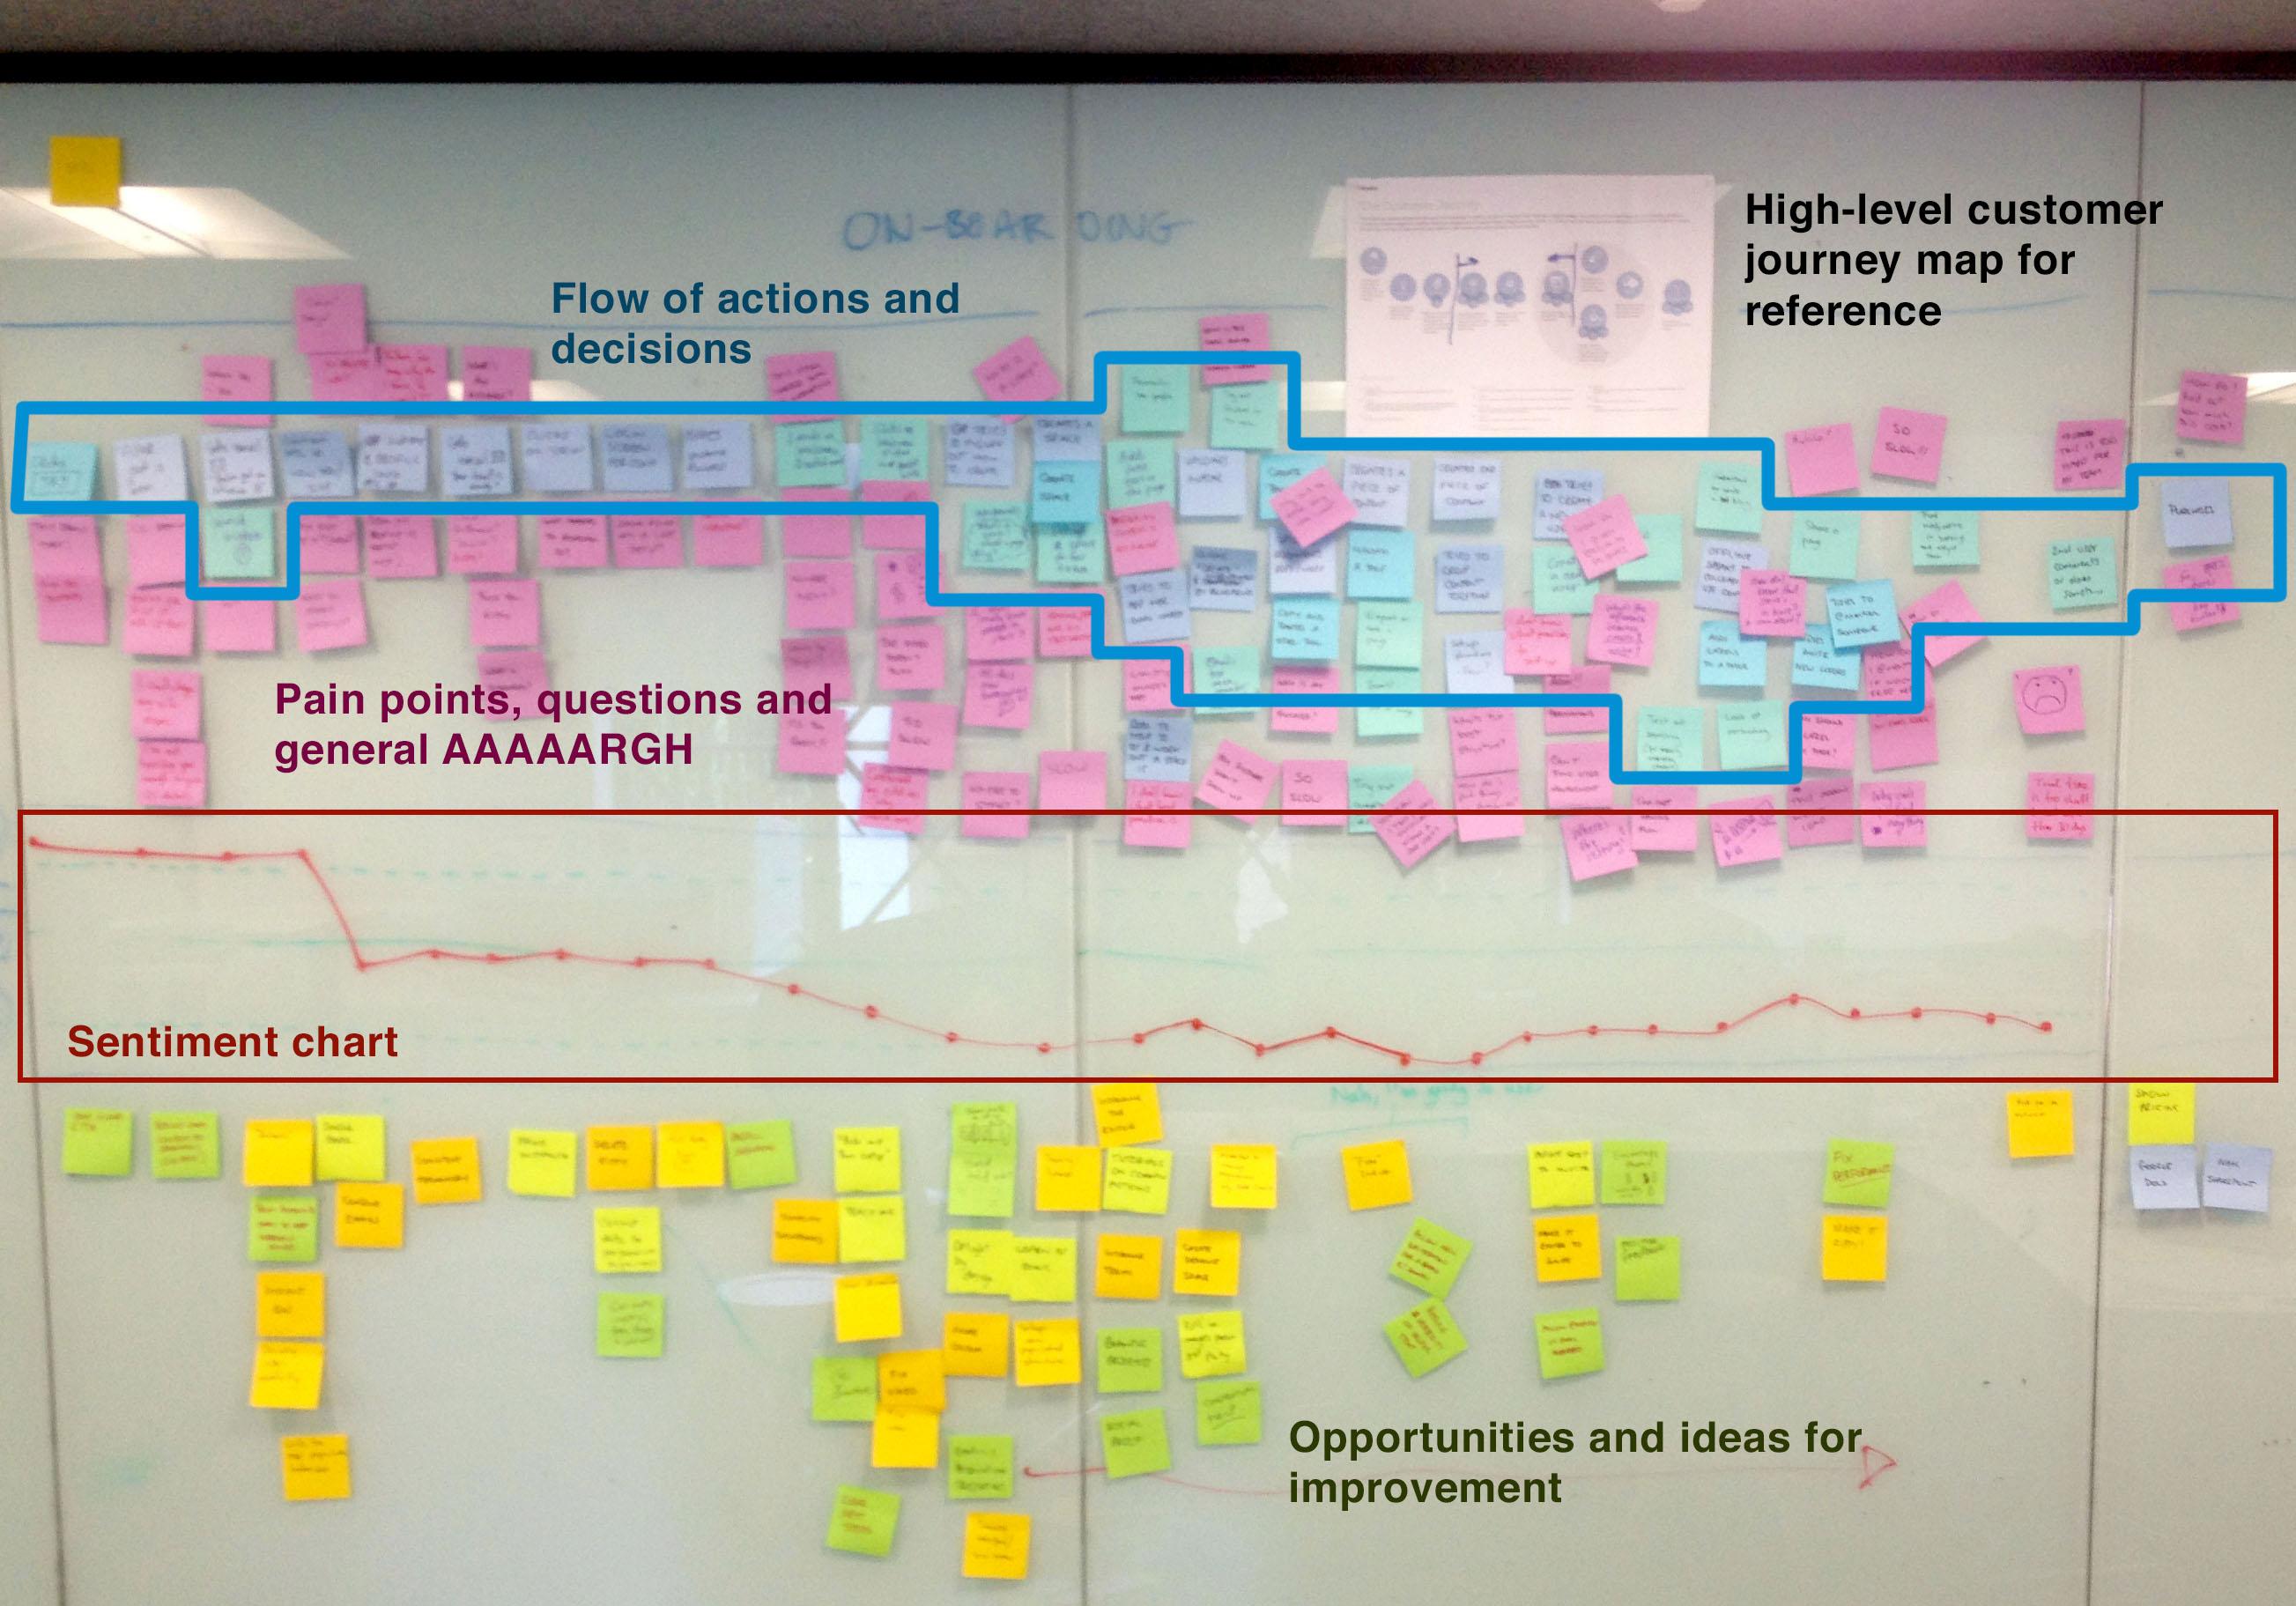 ユーザー ジャーニー マップの例。